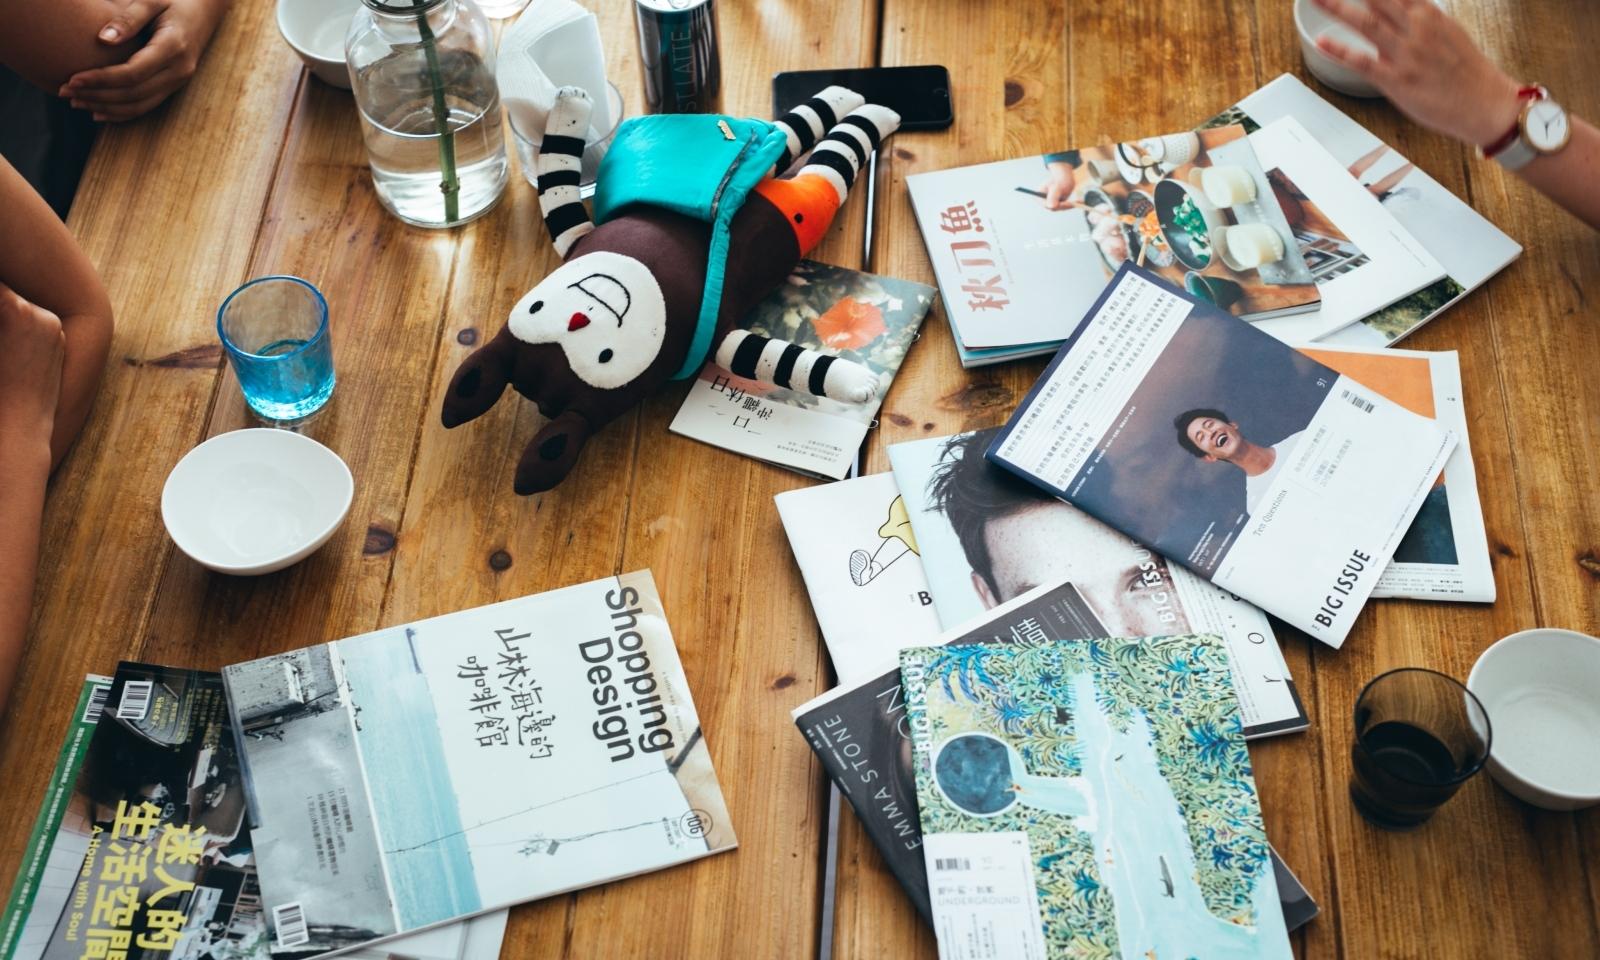 7 a.m. to 9 a.m.| 編輯餐桌:一早醒來,想翻開這本雜誌